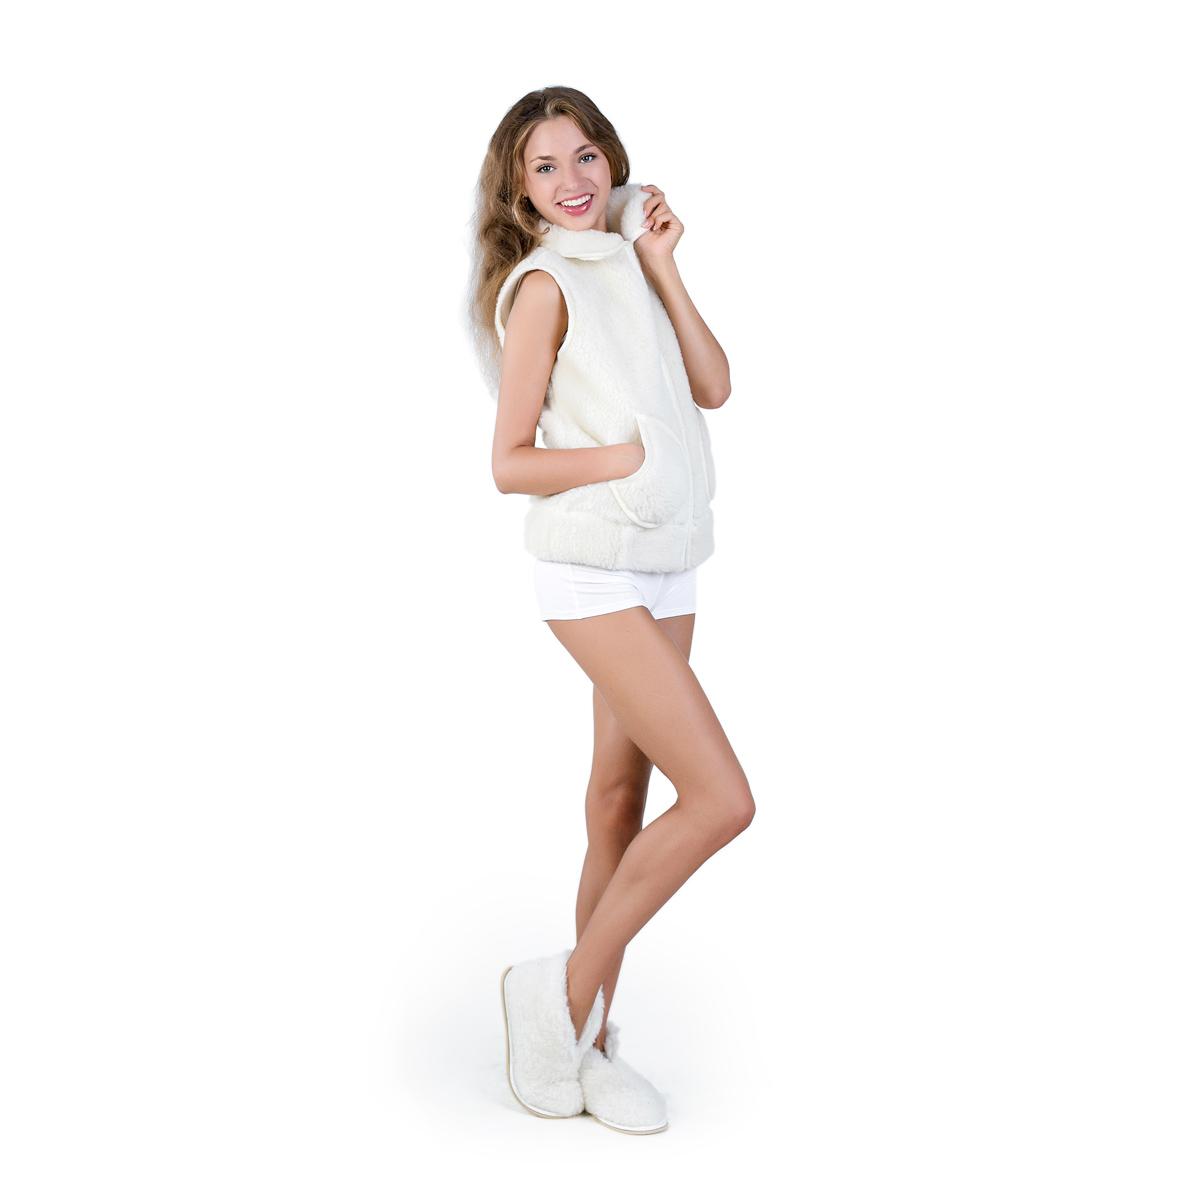 Жен. жилет Модный Белый р. 52Согревающий<br>Обхват груди: 104 см <br>Обхват талии: 86 см <br>Обхват бедер: 112 см <br>Длина по спинке: 60 см <br>Рост: 164-170 см<br><br>Тип: Жен. жилет<br>Размер: 52<br>Материал: Овечья шерсть